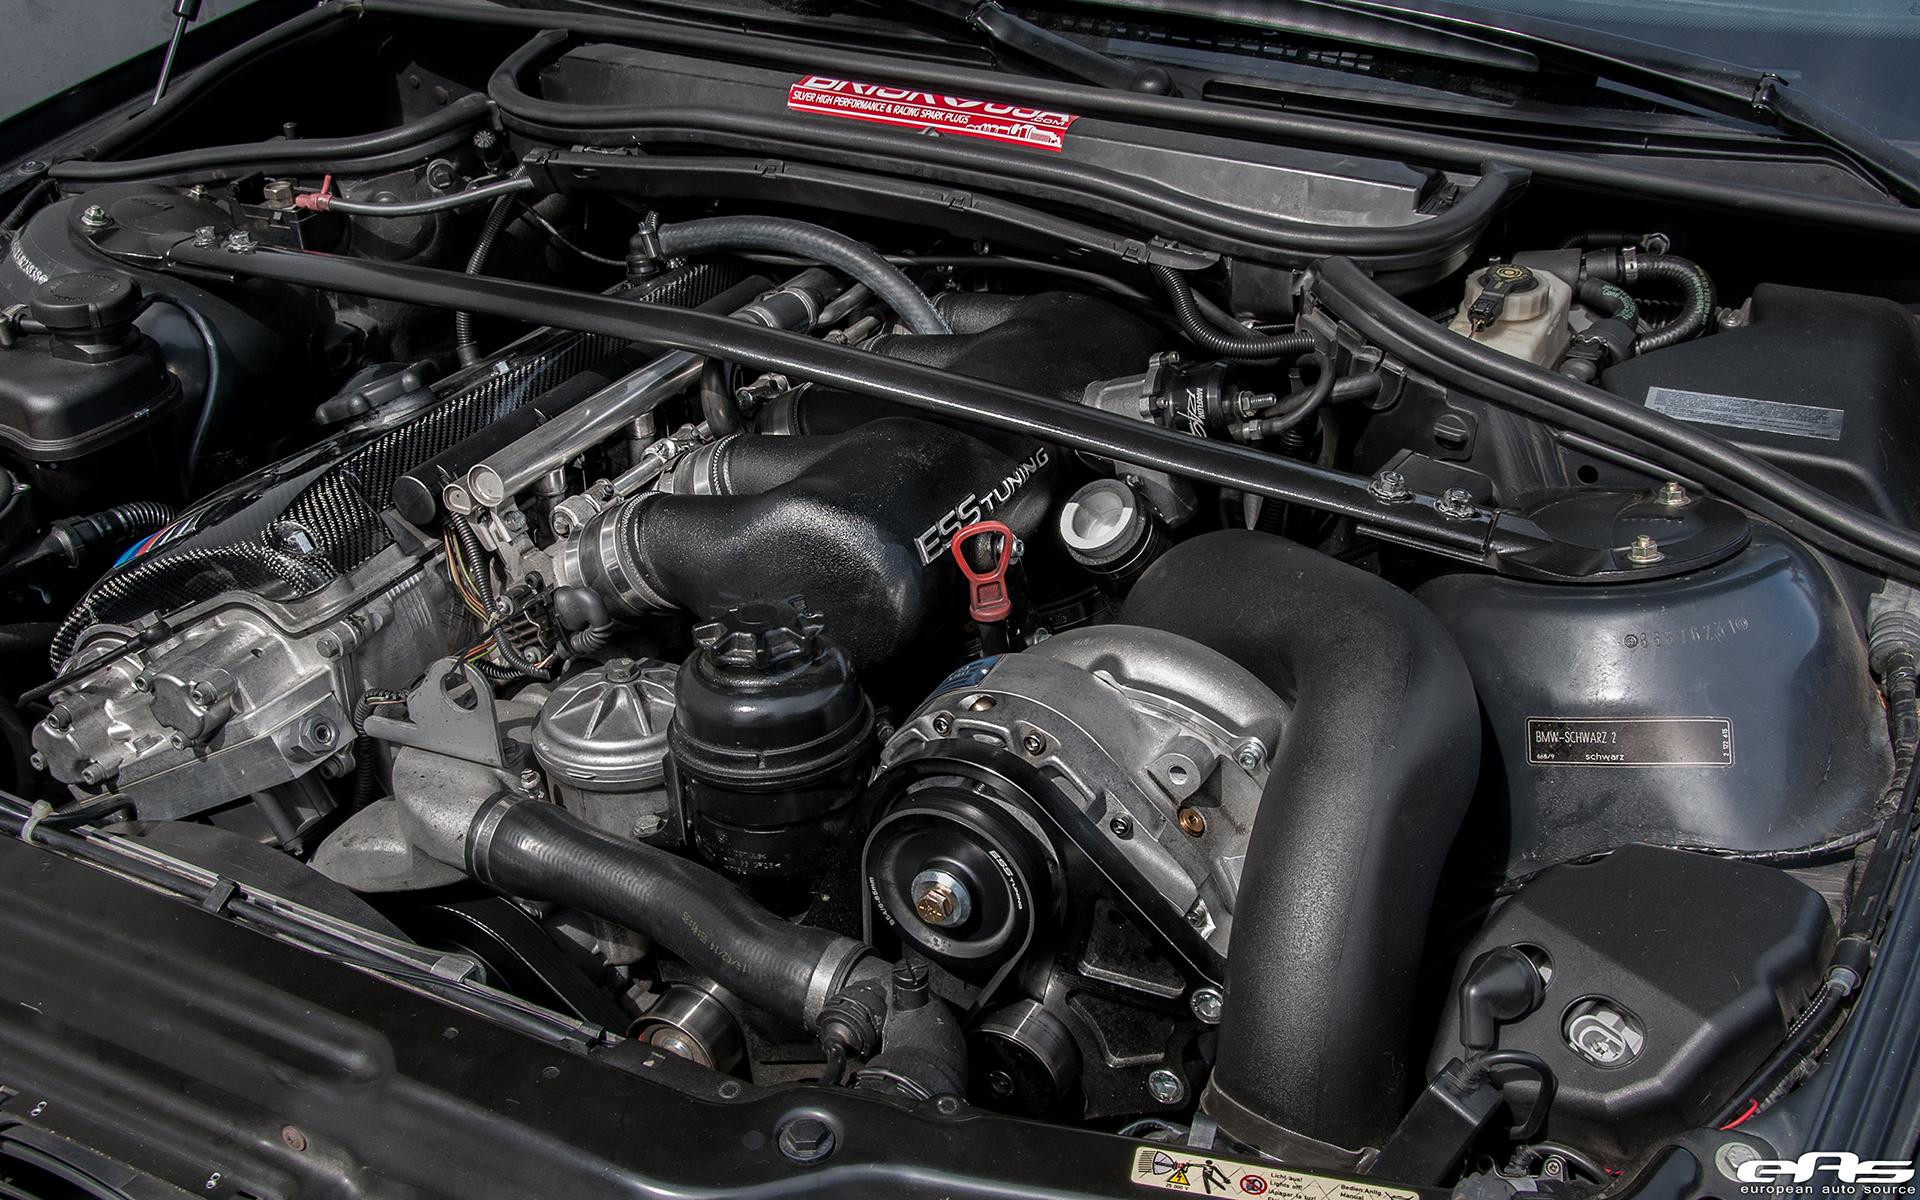 A Jet Black Bmw E46 M3 Gets A Supercharger